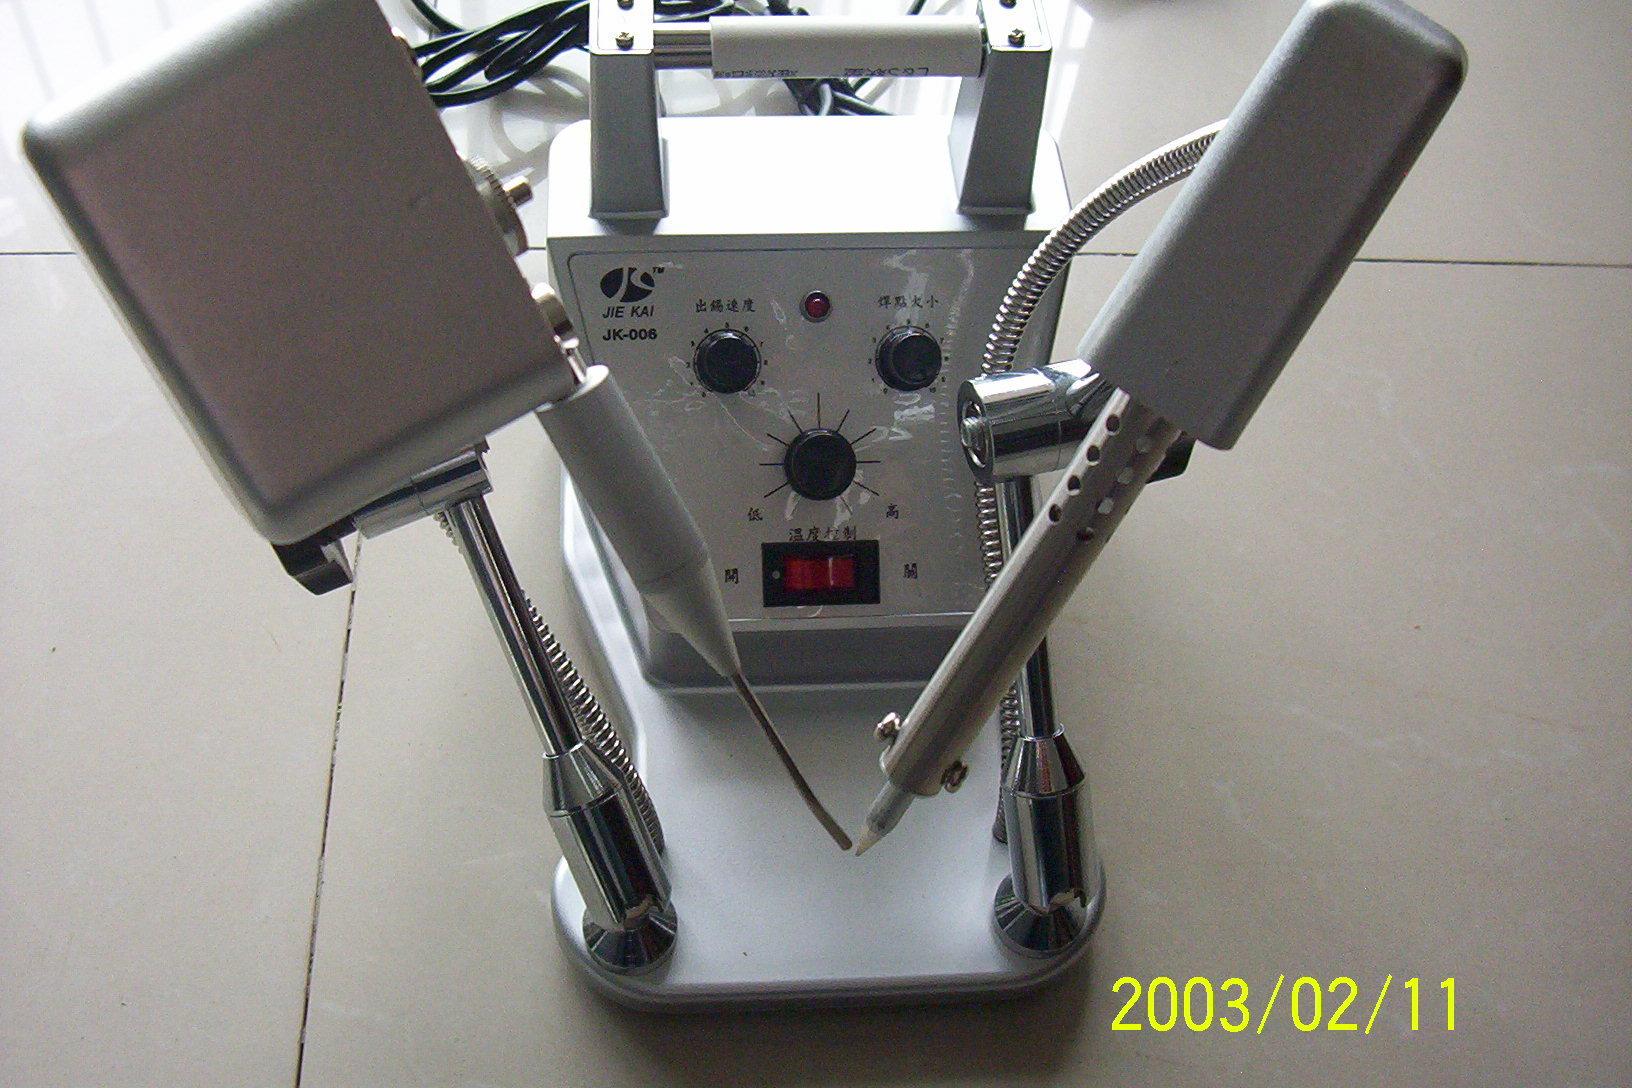 2冠信誉 !上海jk-006万向自动送锡焊锡机 点焊机 脚踏锡焊机